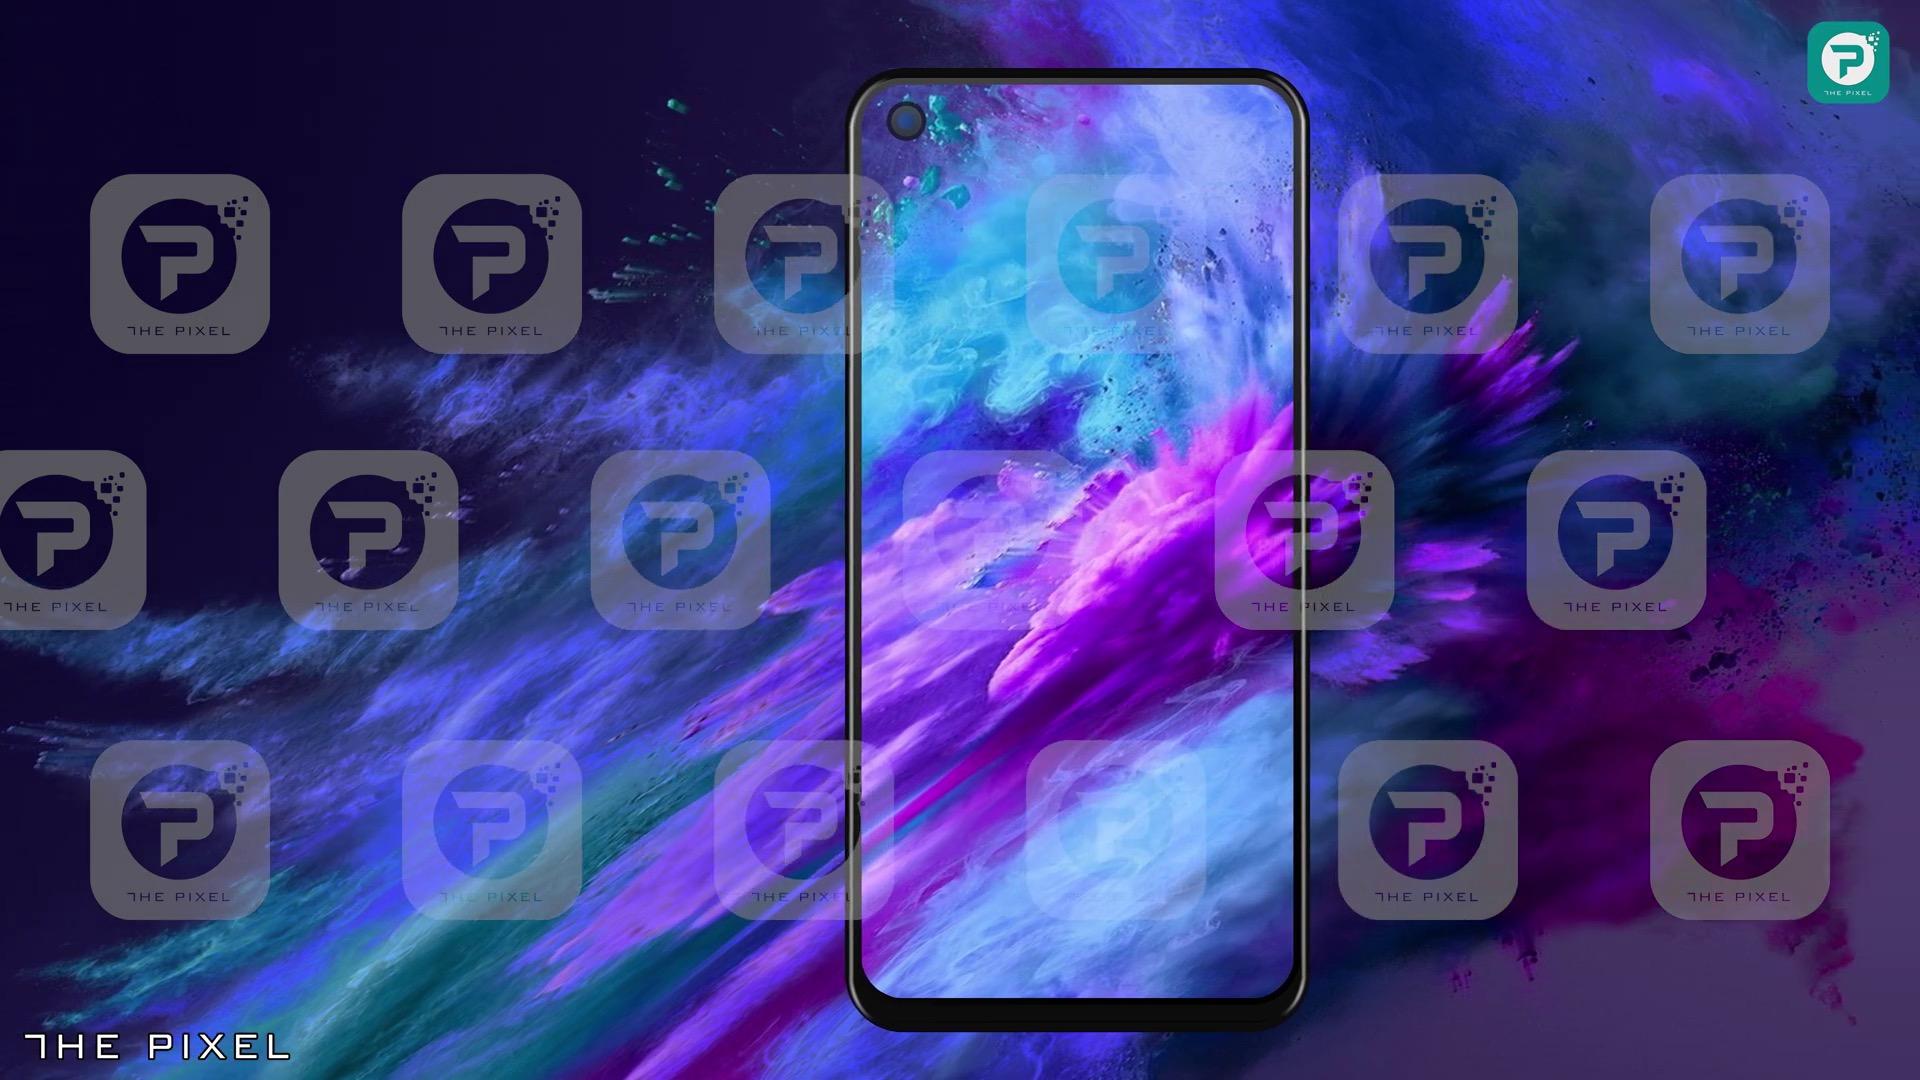 Rò rỉ hình ảnh Vsmart Joy 4: Cụm 4 camera như iPhone 12, giá chỉ bằng 1/10 iPhone X ảnh 1